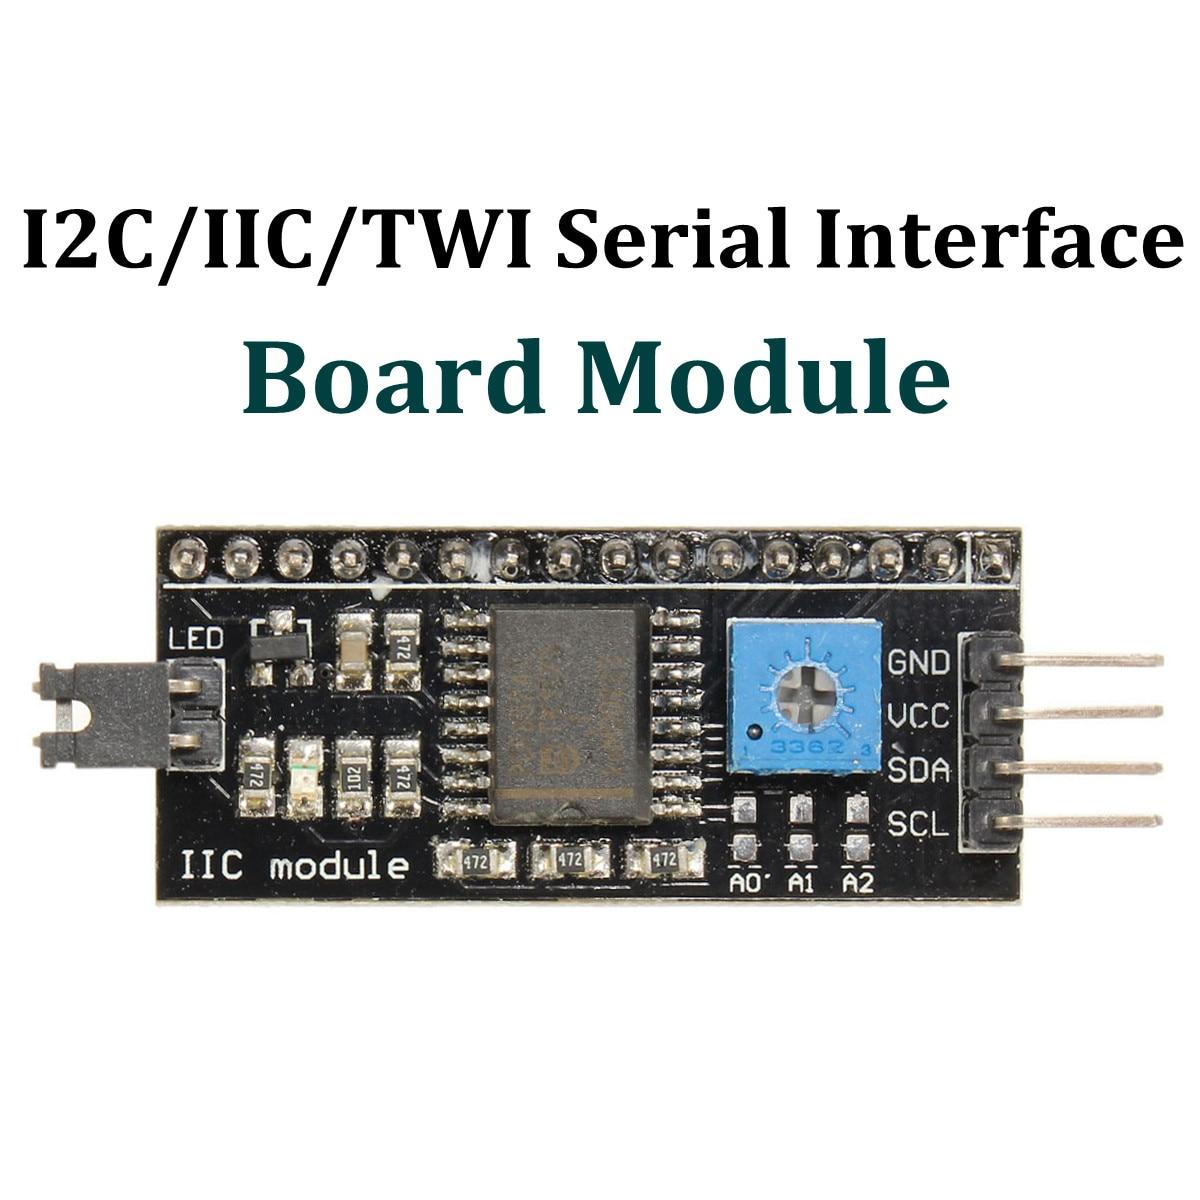 Новое поступление I2C/IIC/TWI Серийный интерфейс плата модуль для Arduino R3 LCD 1602 Дисплей 54x19 мм 5 в горячая распродажа